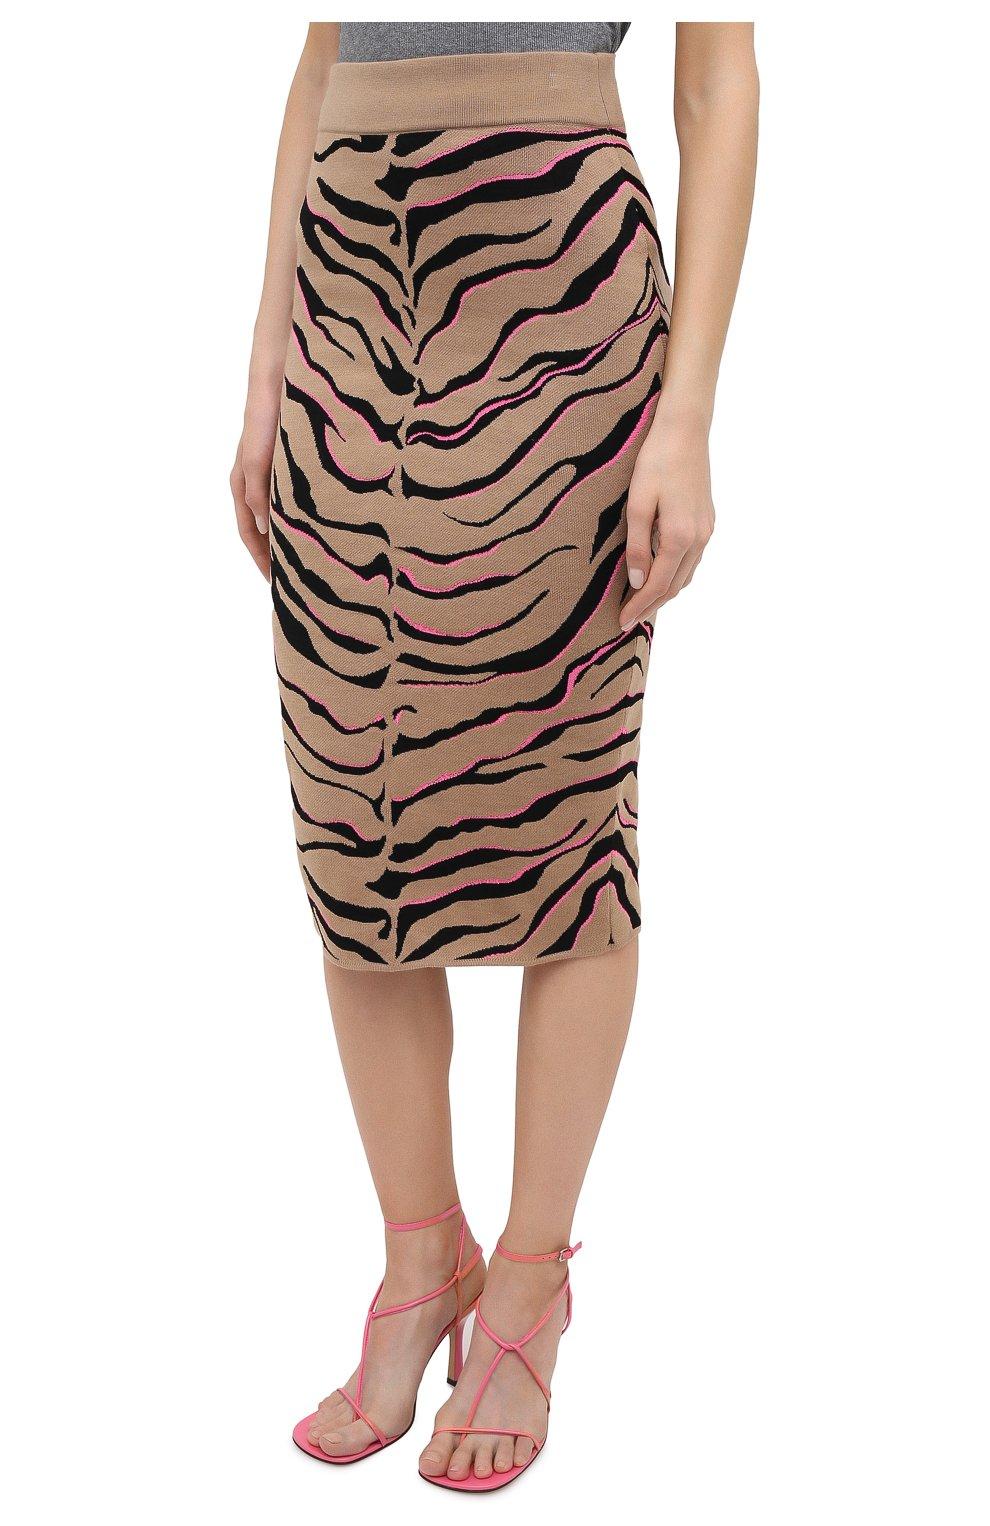 Женская юбка из шерсти и вискозы STELLA MCCARTNEY коричневого цвета, арт. 601765/S2210 | Фото 4